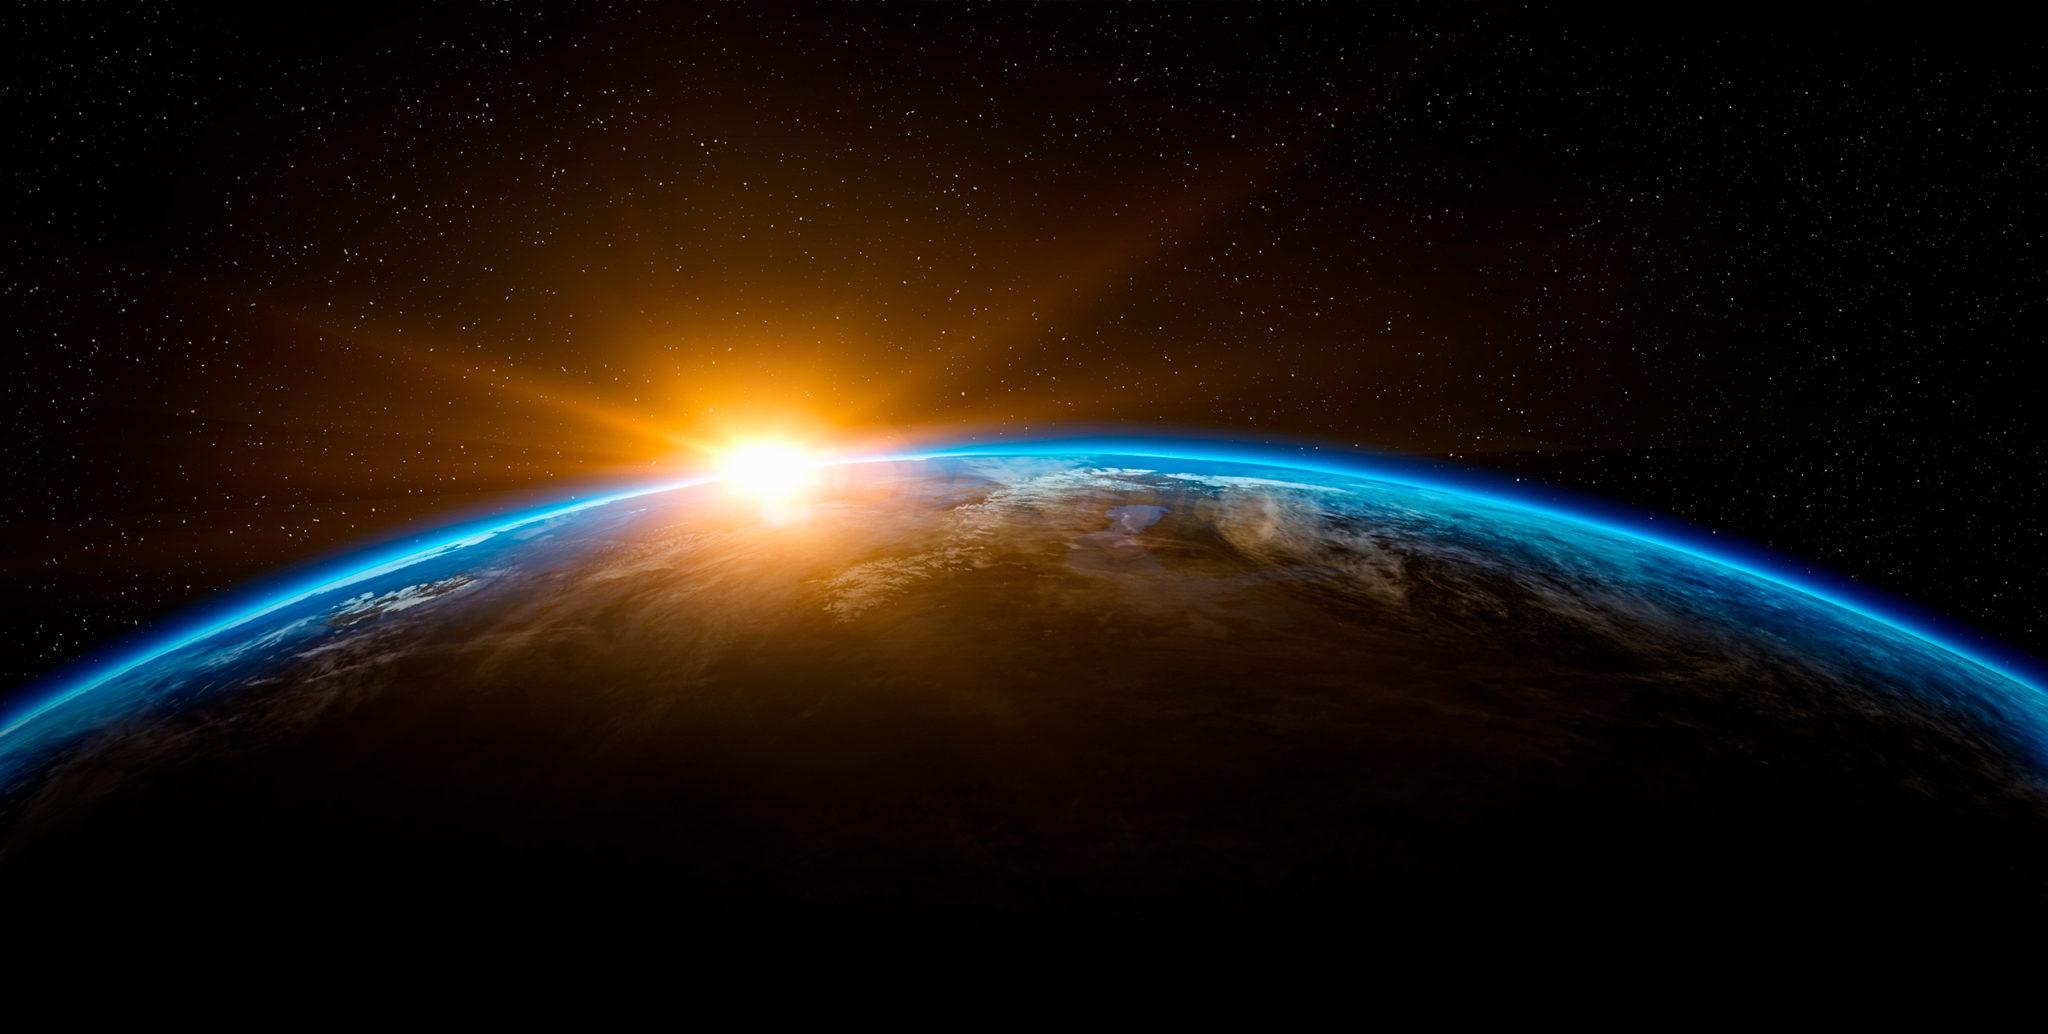 Fotografía del perfil de la Tierra con el sol en el horizonte